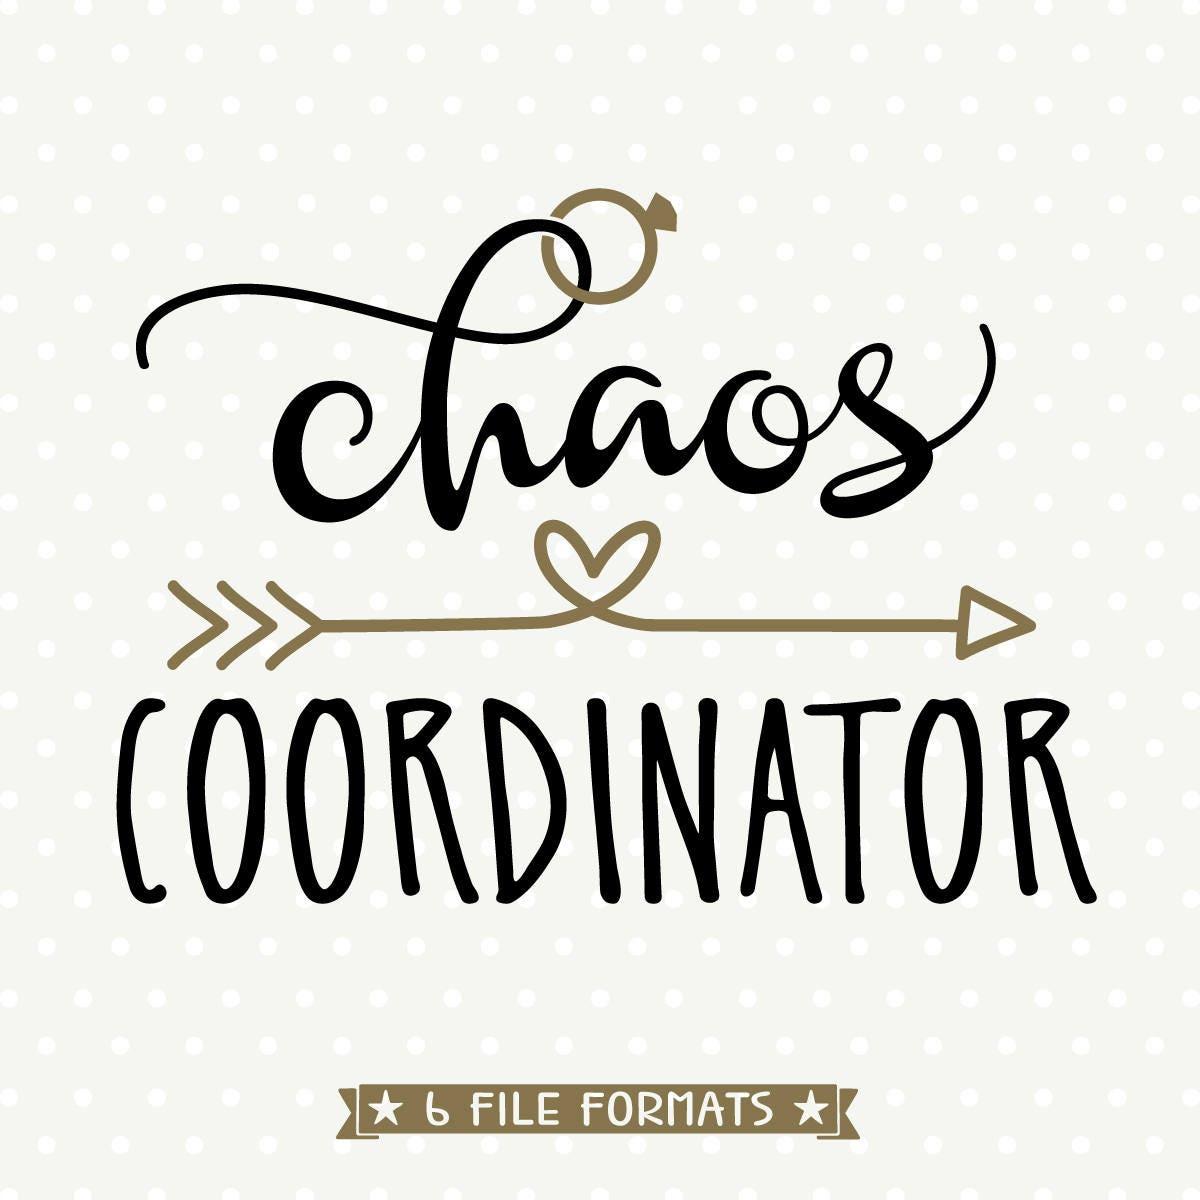 Chaos Coordinator SVG File Bride SVG File Bride Shirt SVG